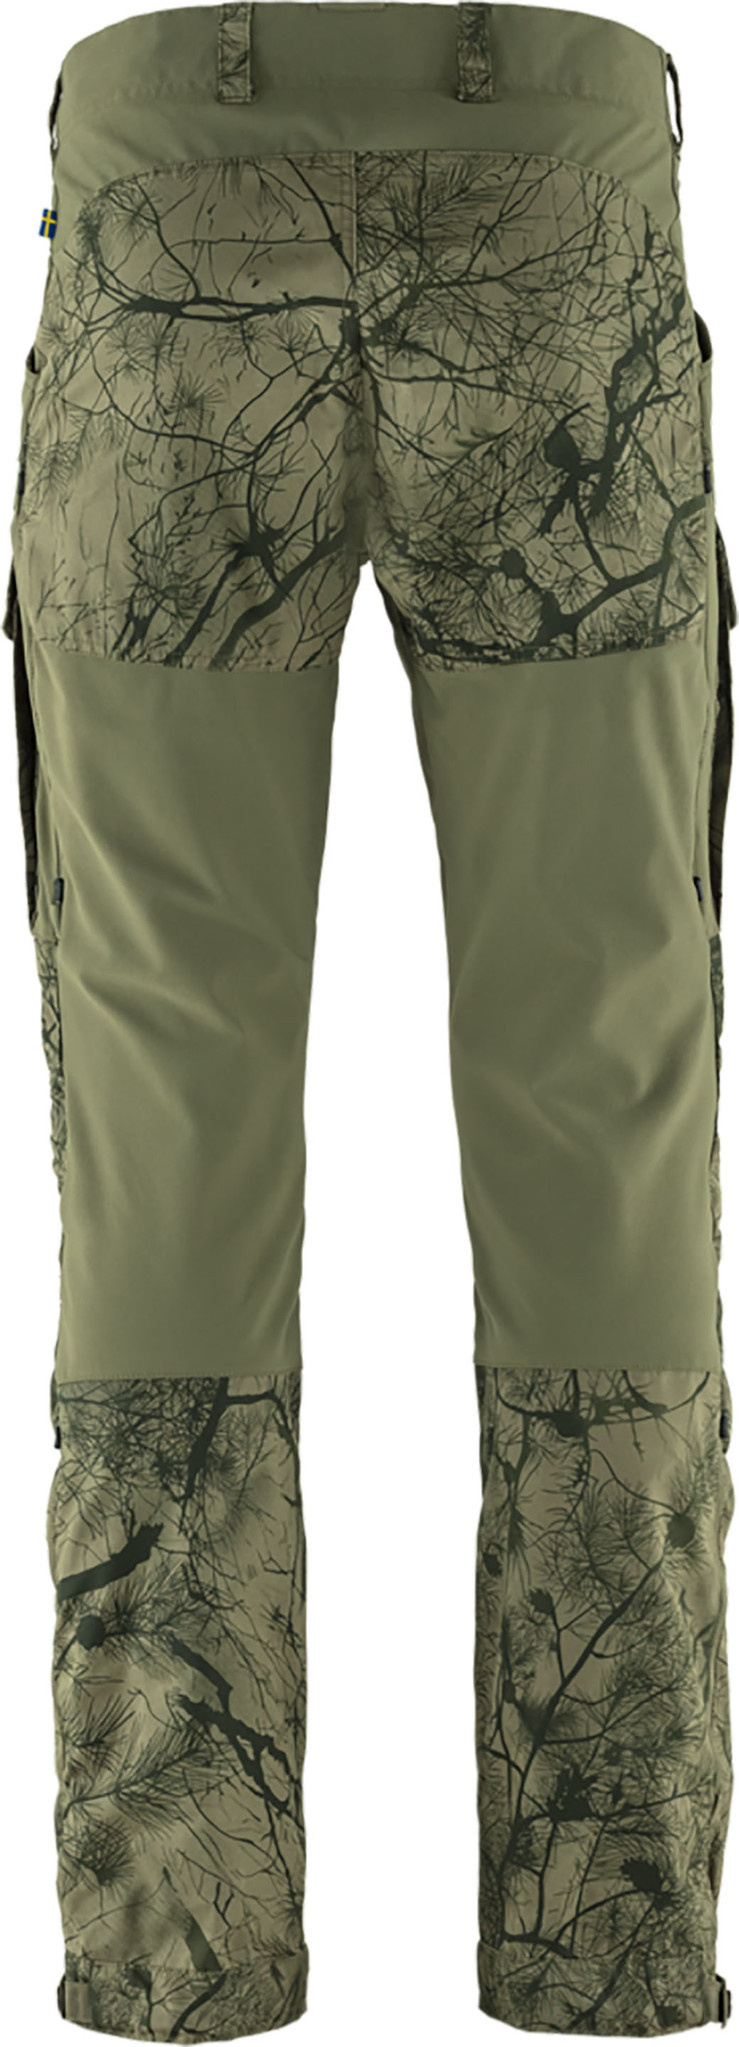 Fjällräven Keb Trousers M Reg Green Camo-Laurel Green-2